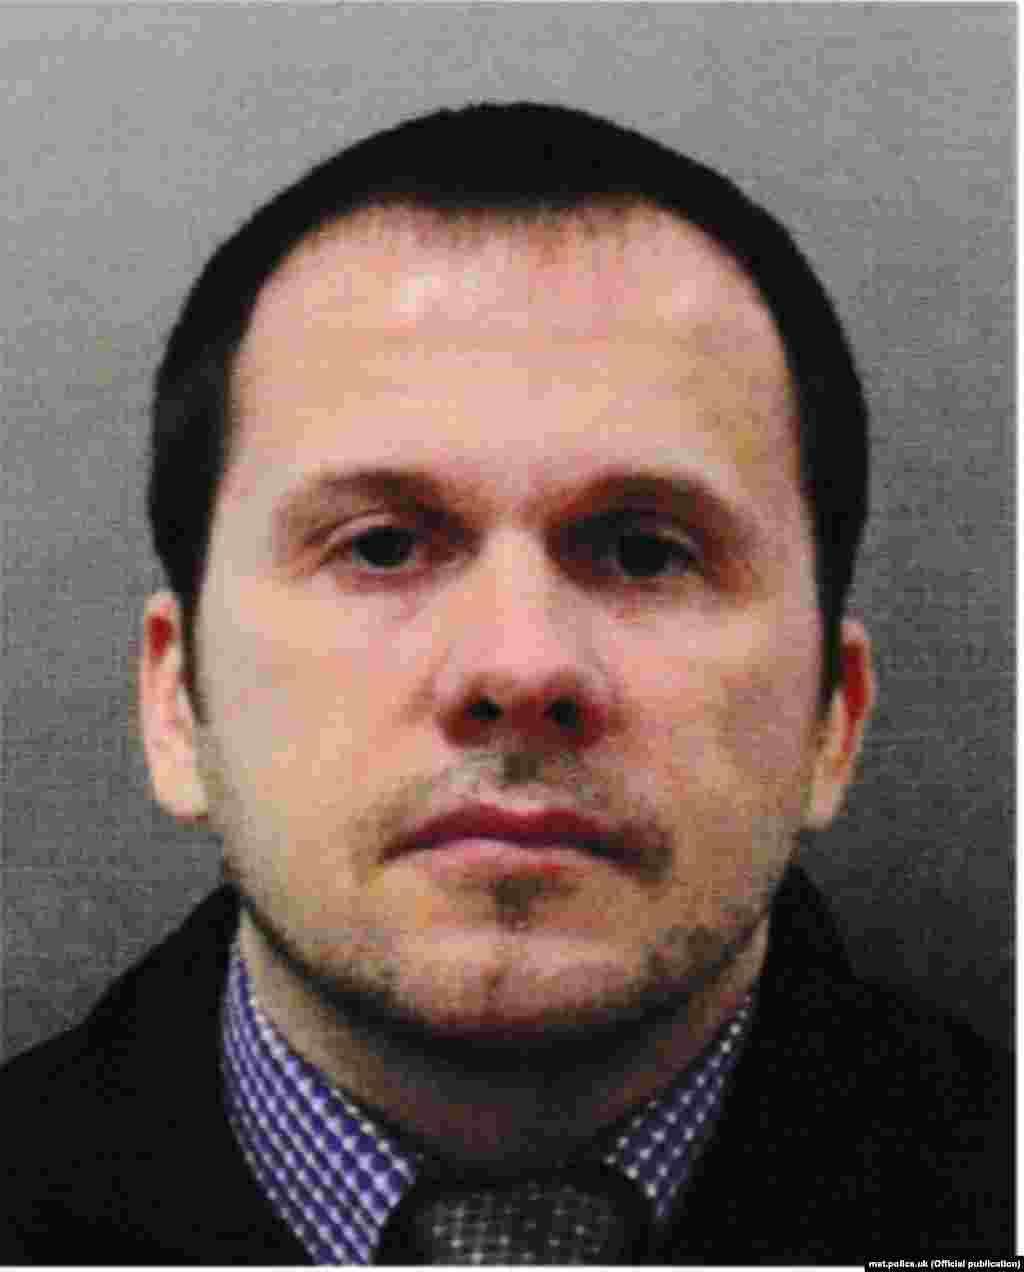 Подозреваемый британской полицией в покушении на Сергея и Юлию Скрипаль по имени Александр Петров.